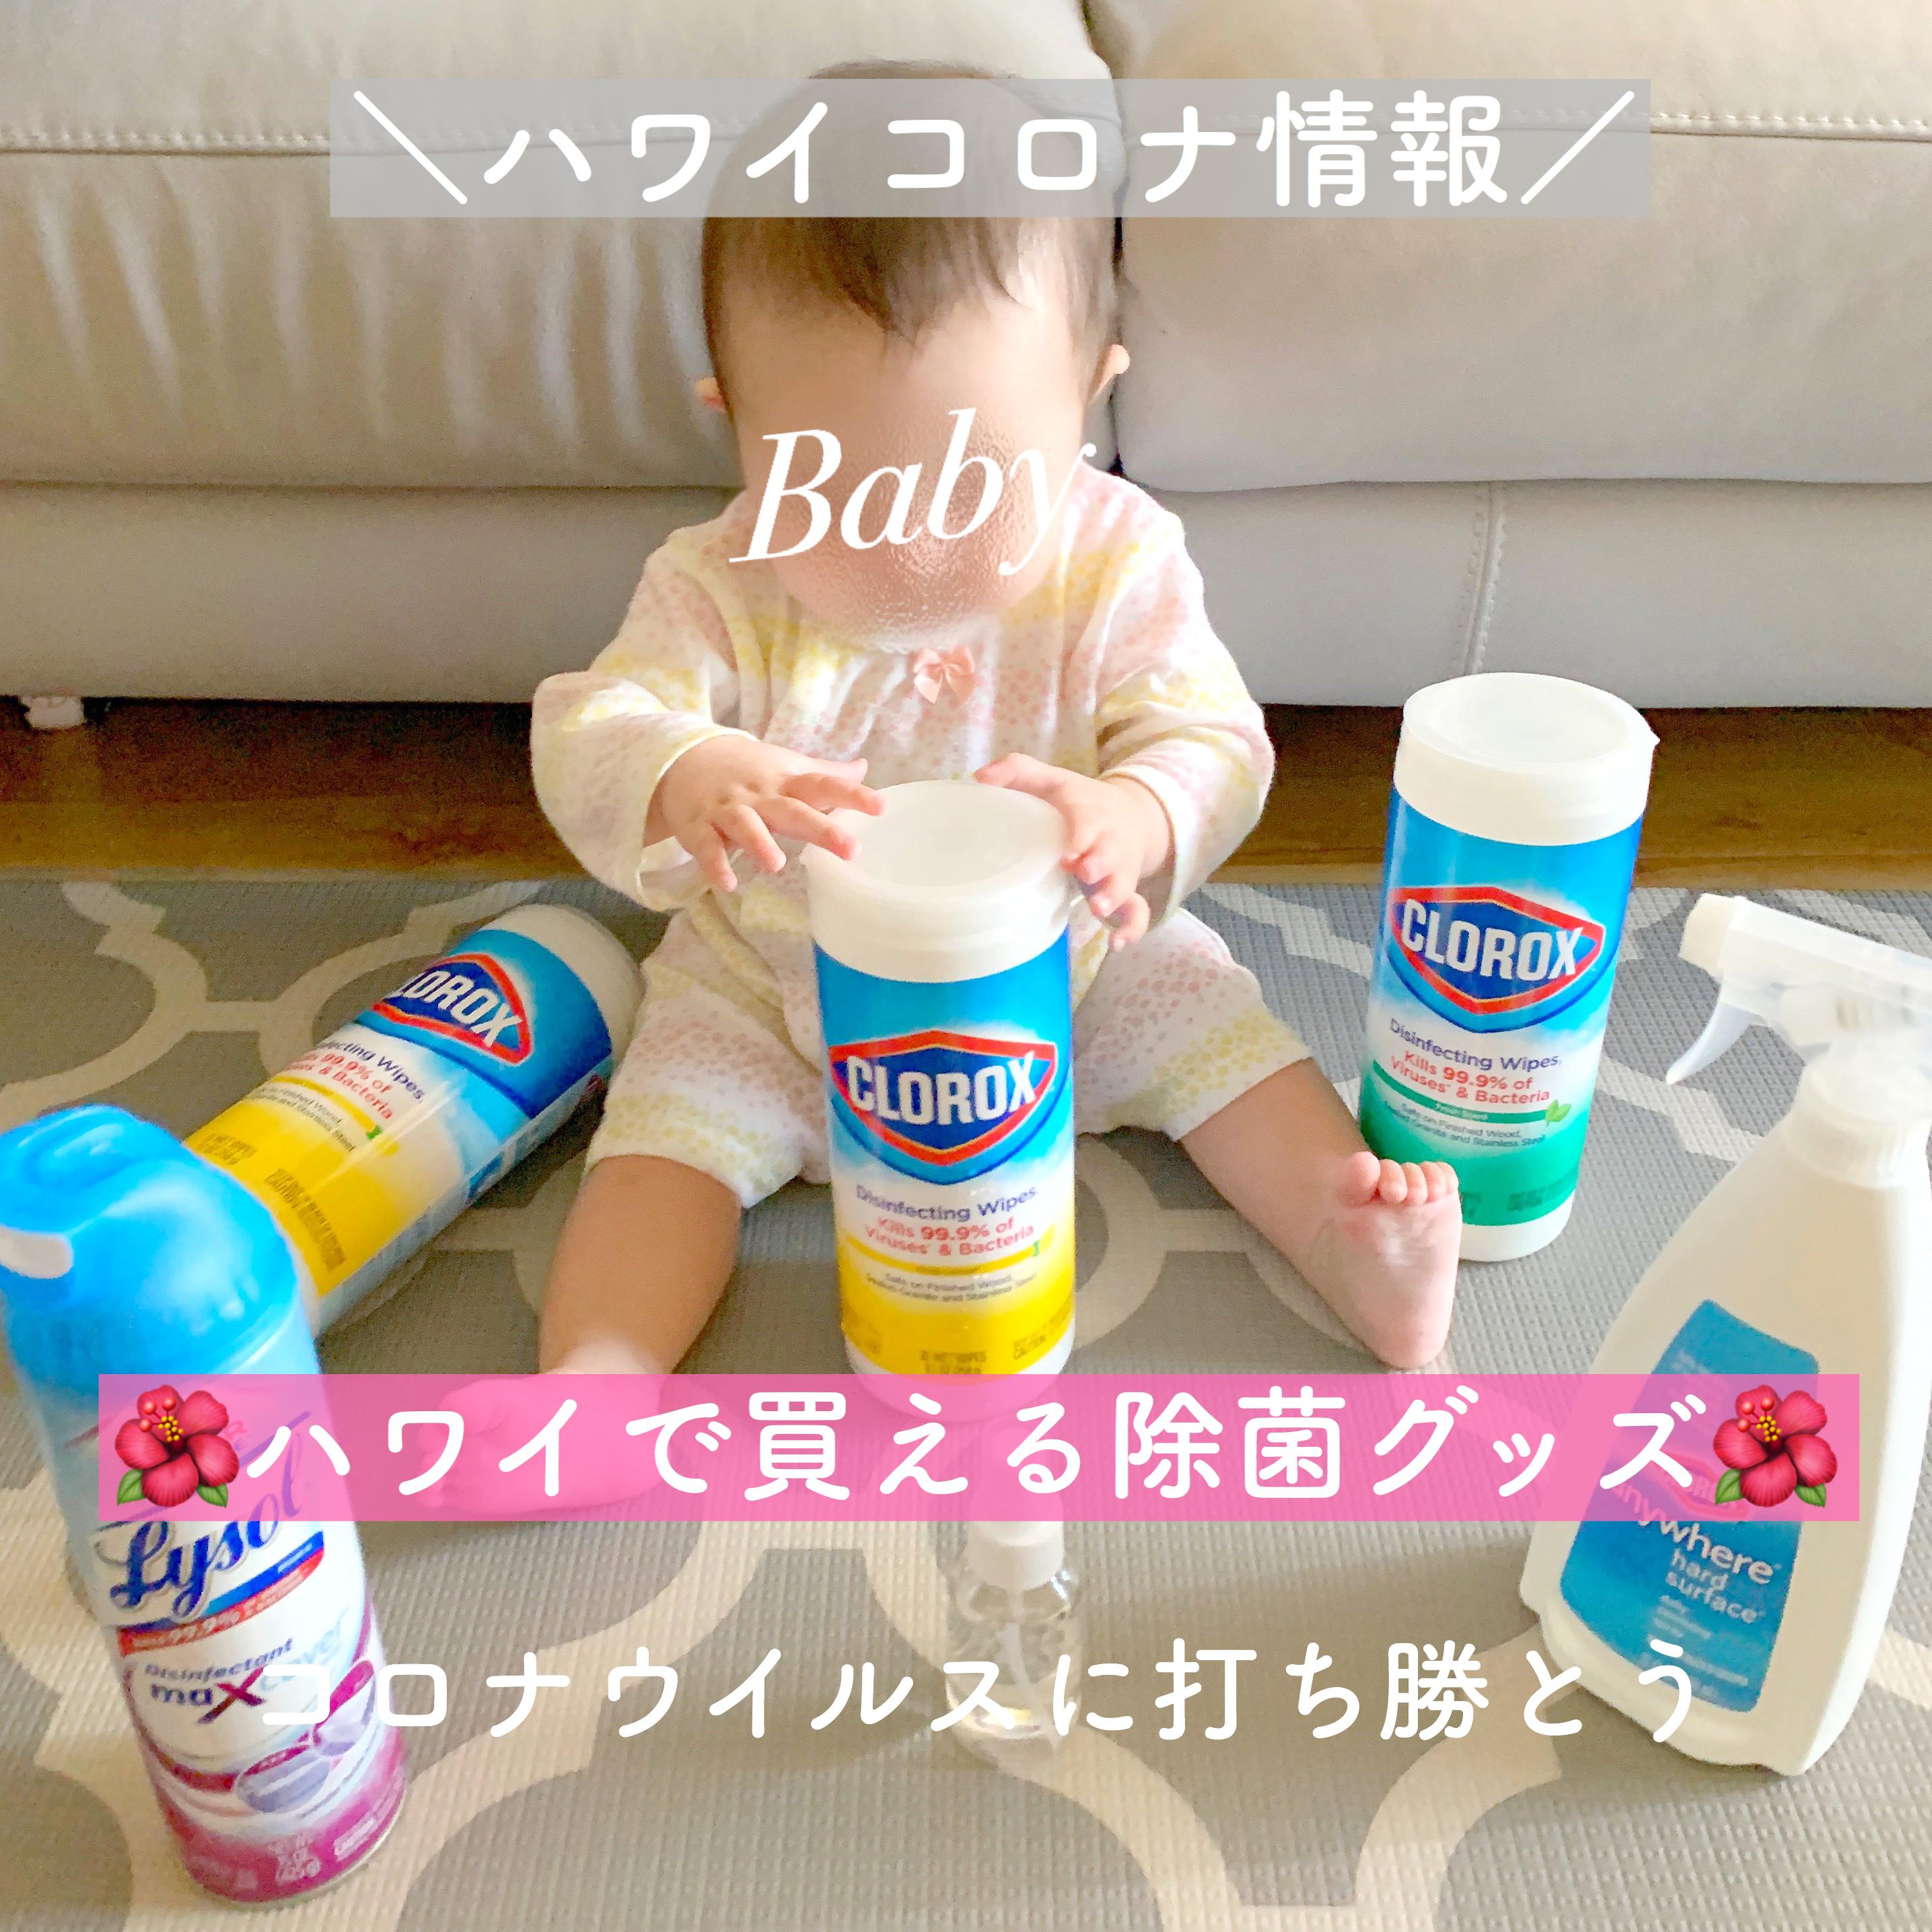 【ハワイコロナ情報】ハワイで買える除菌グッズ【サニタイザー】